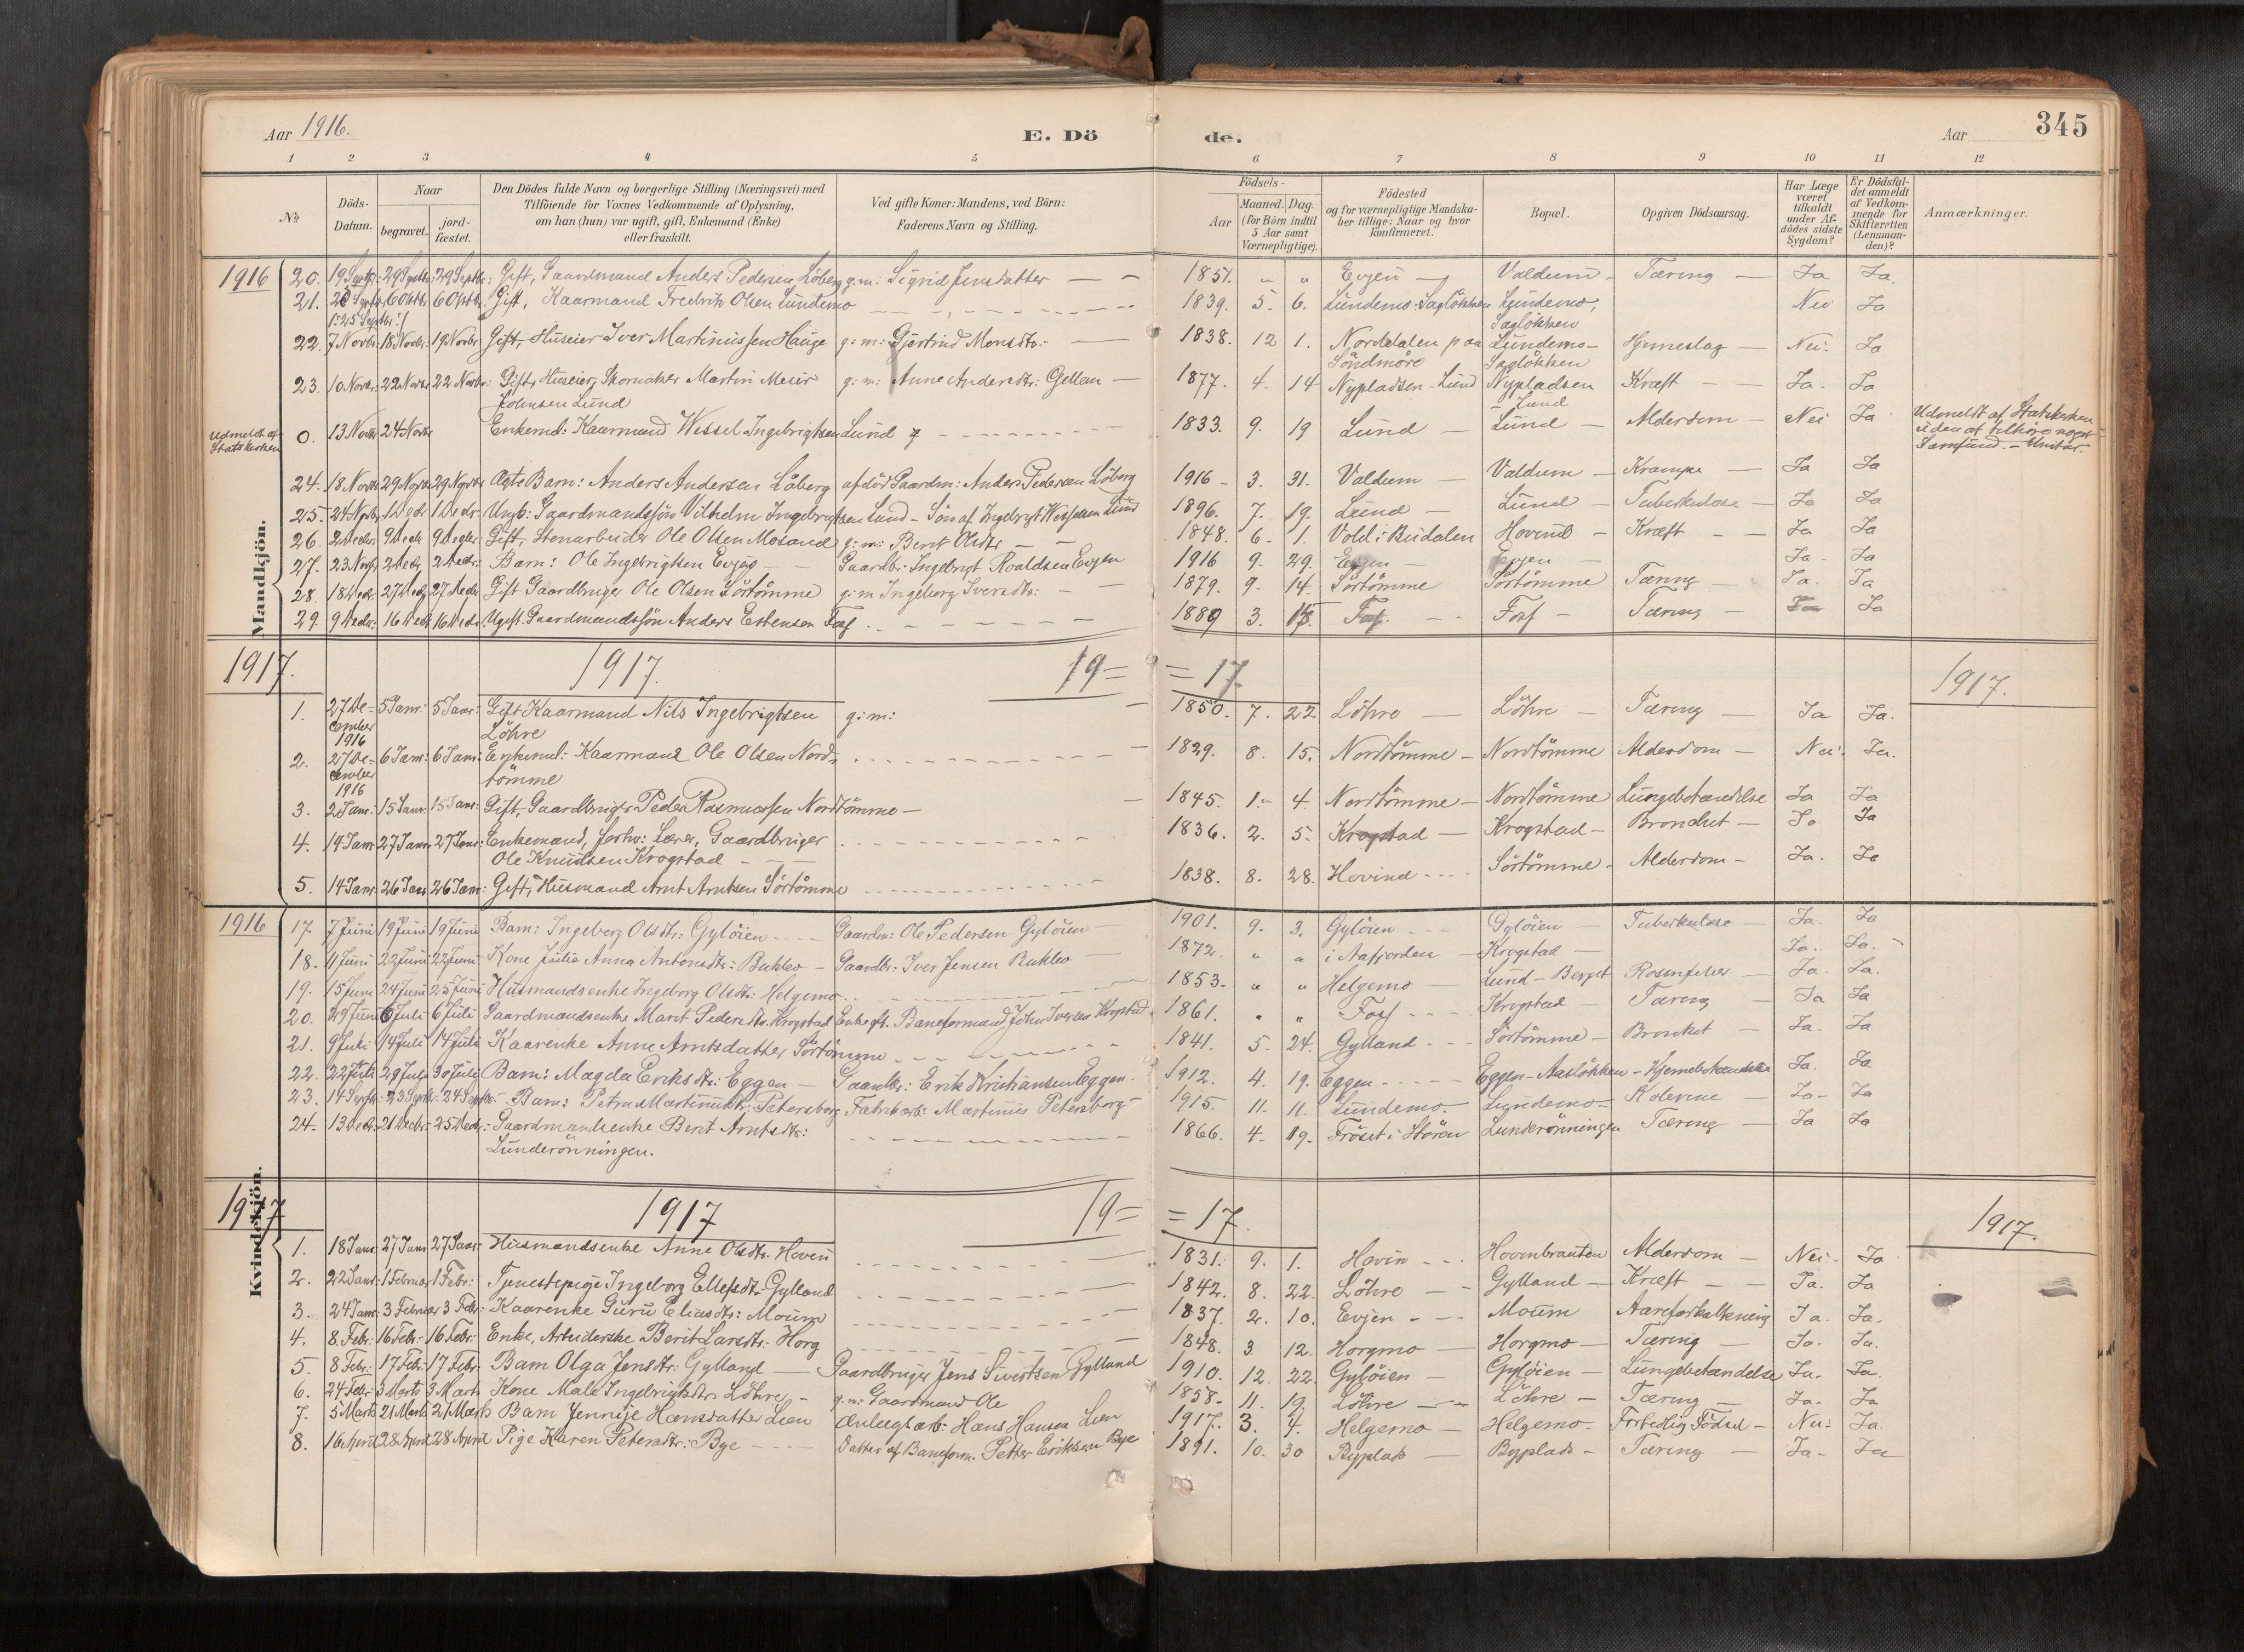 SAT, Ministerialprotokoller, klokkerbøker og fødselsregistre - Sør-Trøndelag, 692/L1105b: Ministerialbok nr. 692A06, 1891-1934, s. 345